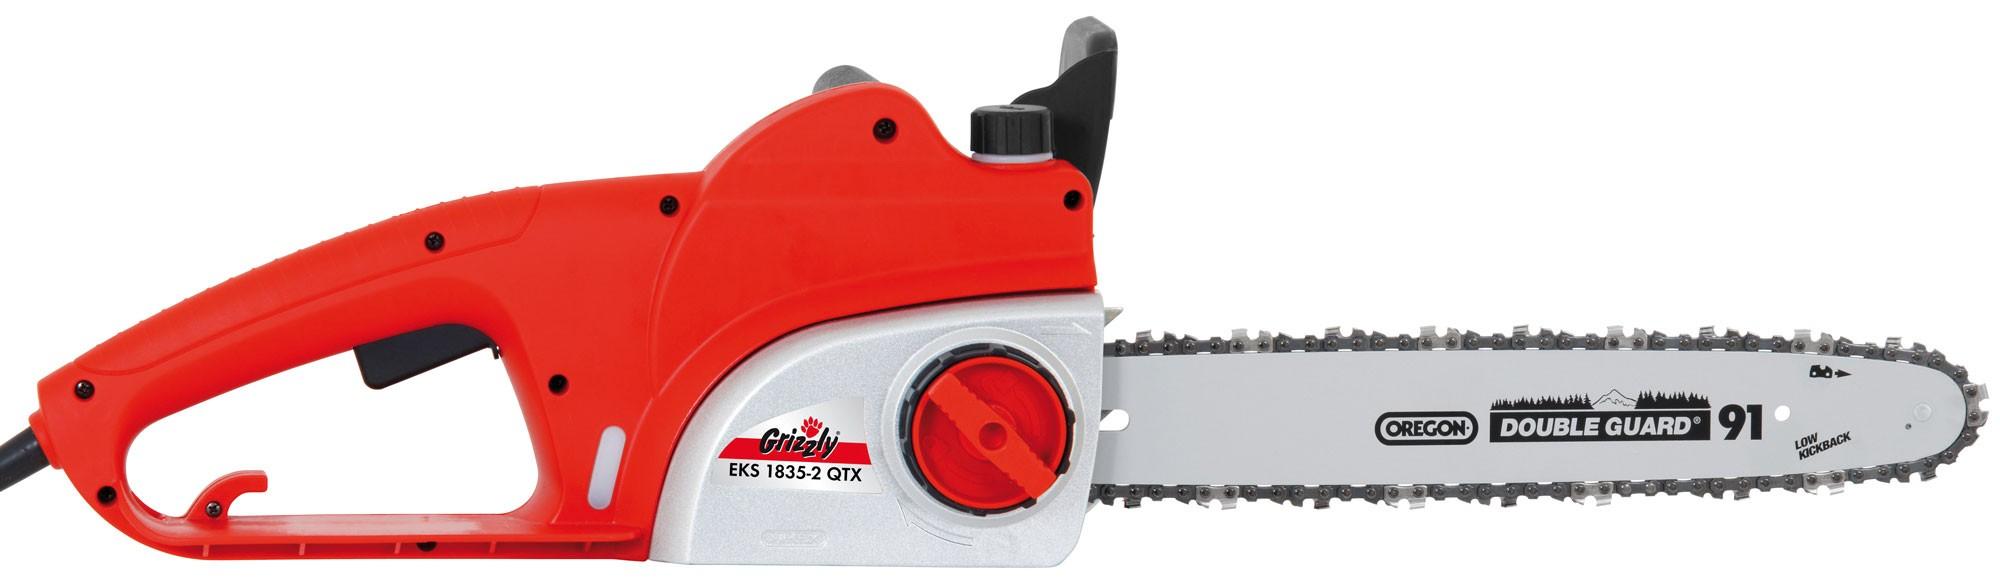 Elektro Kettensäge Grizzly EKS 1835-2 QTX 1800 Watt Bild 1